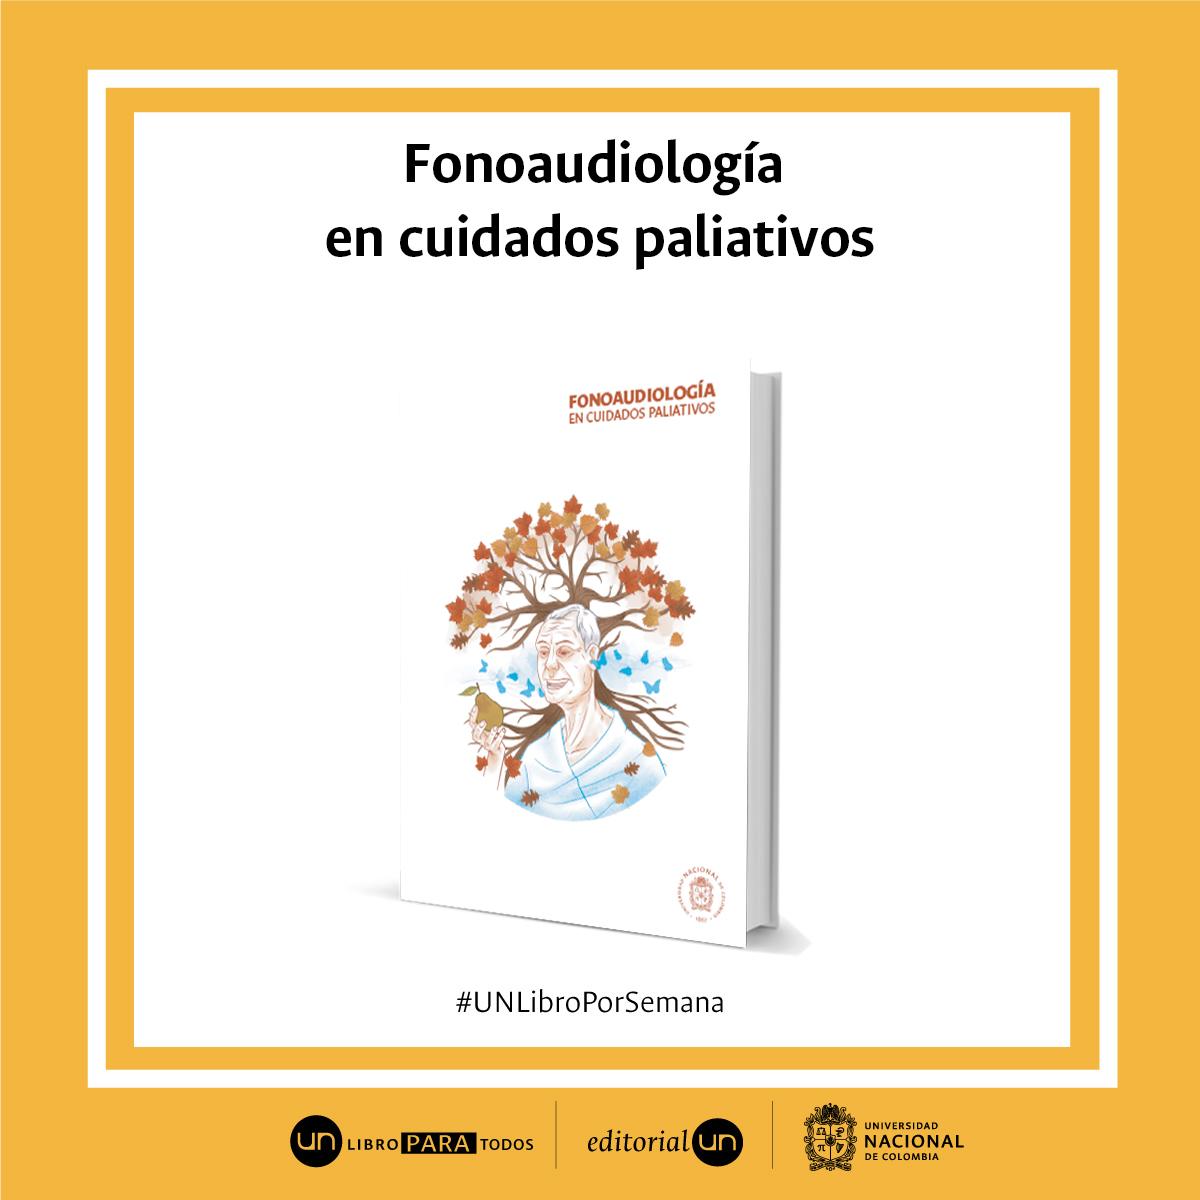 #UNlibroporsemana: 'Fonoaudiología en cuidados paliativos'